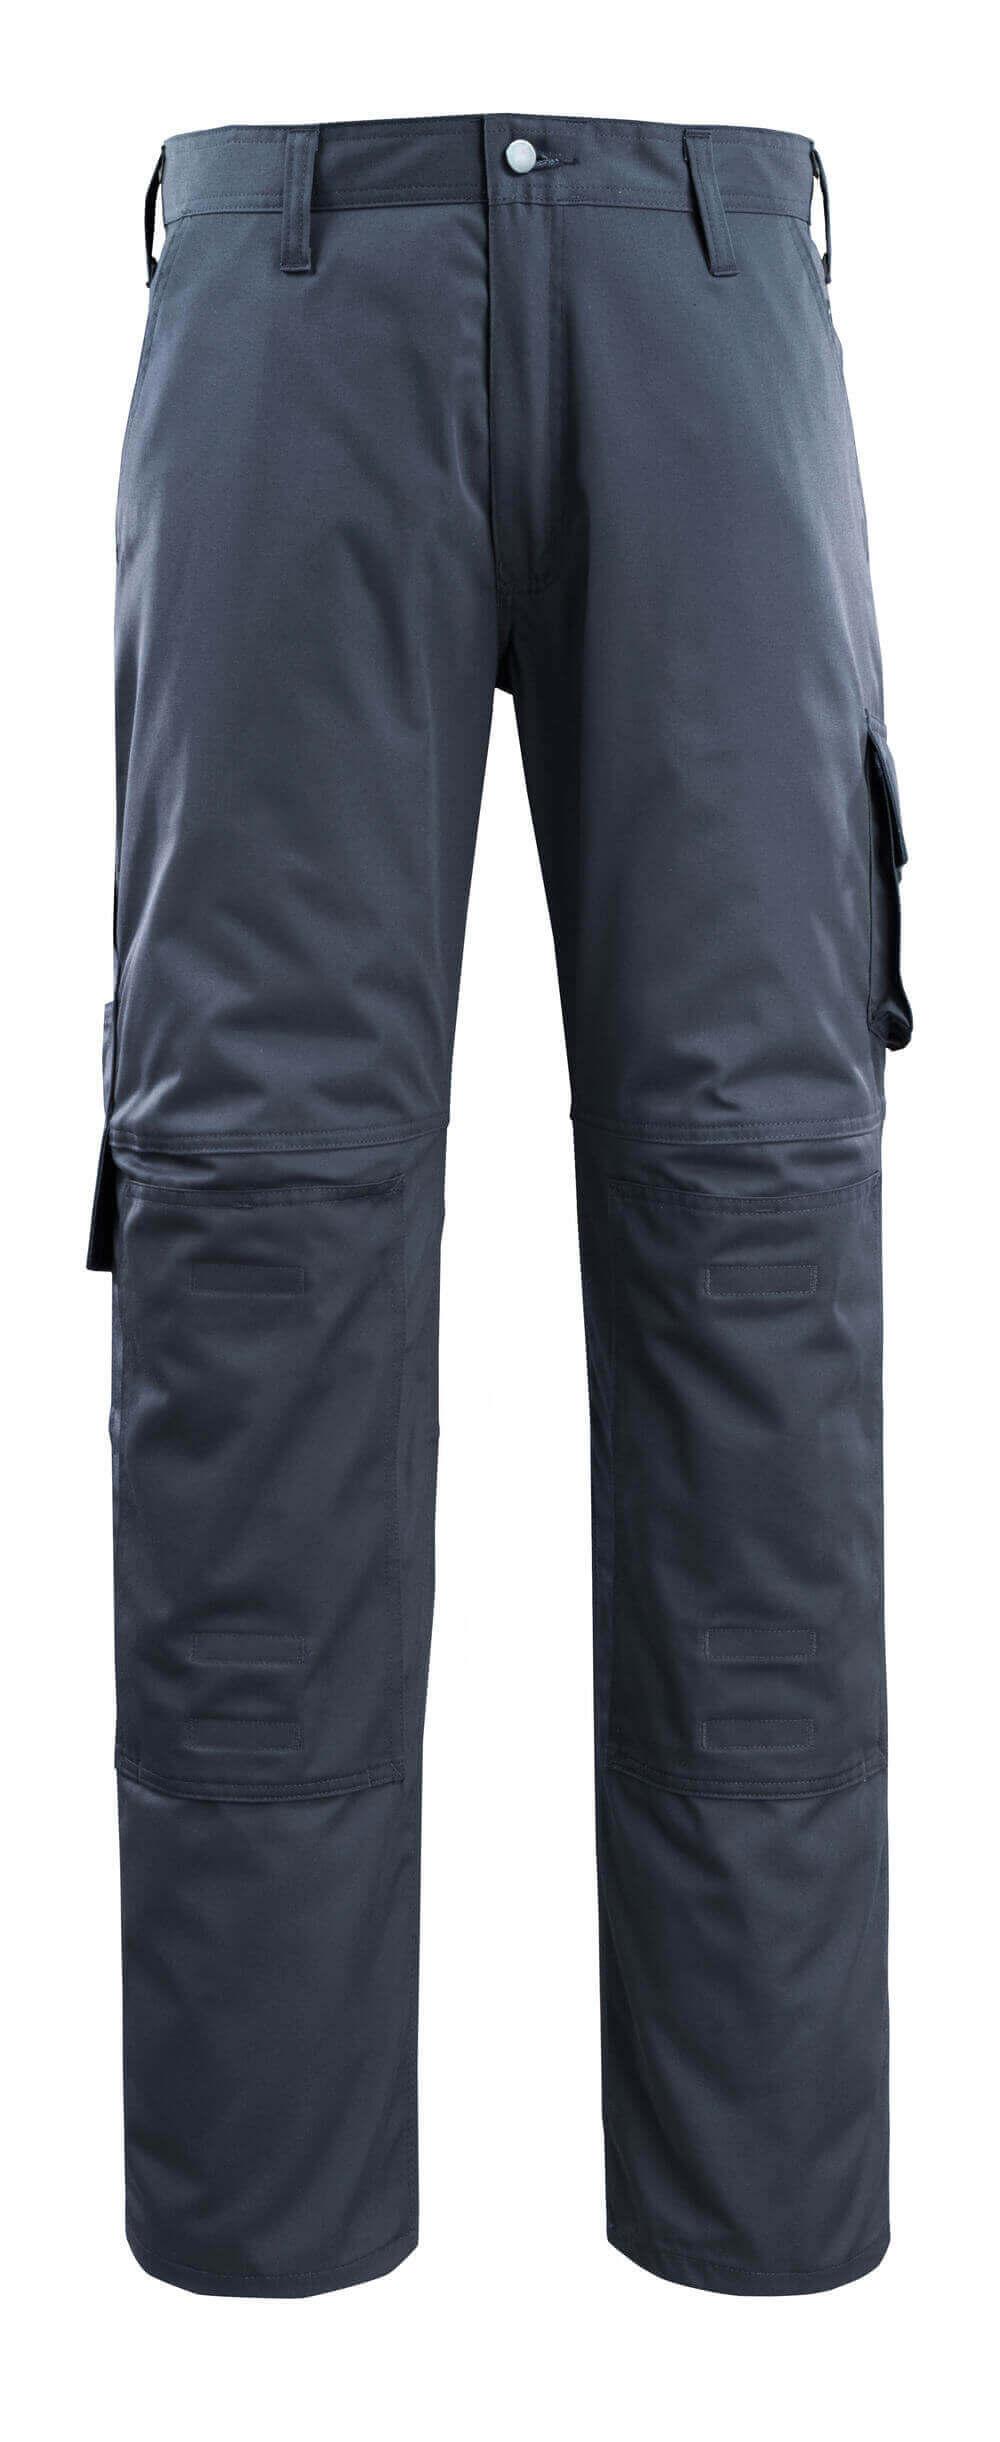 14379-850-010 Bukser med knælommer - mørk marine